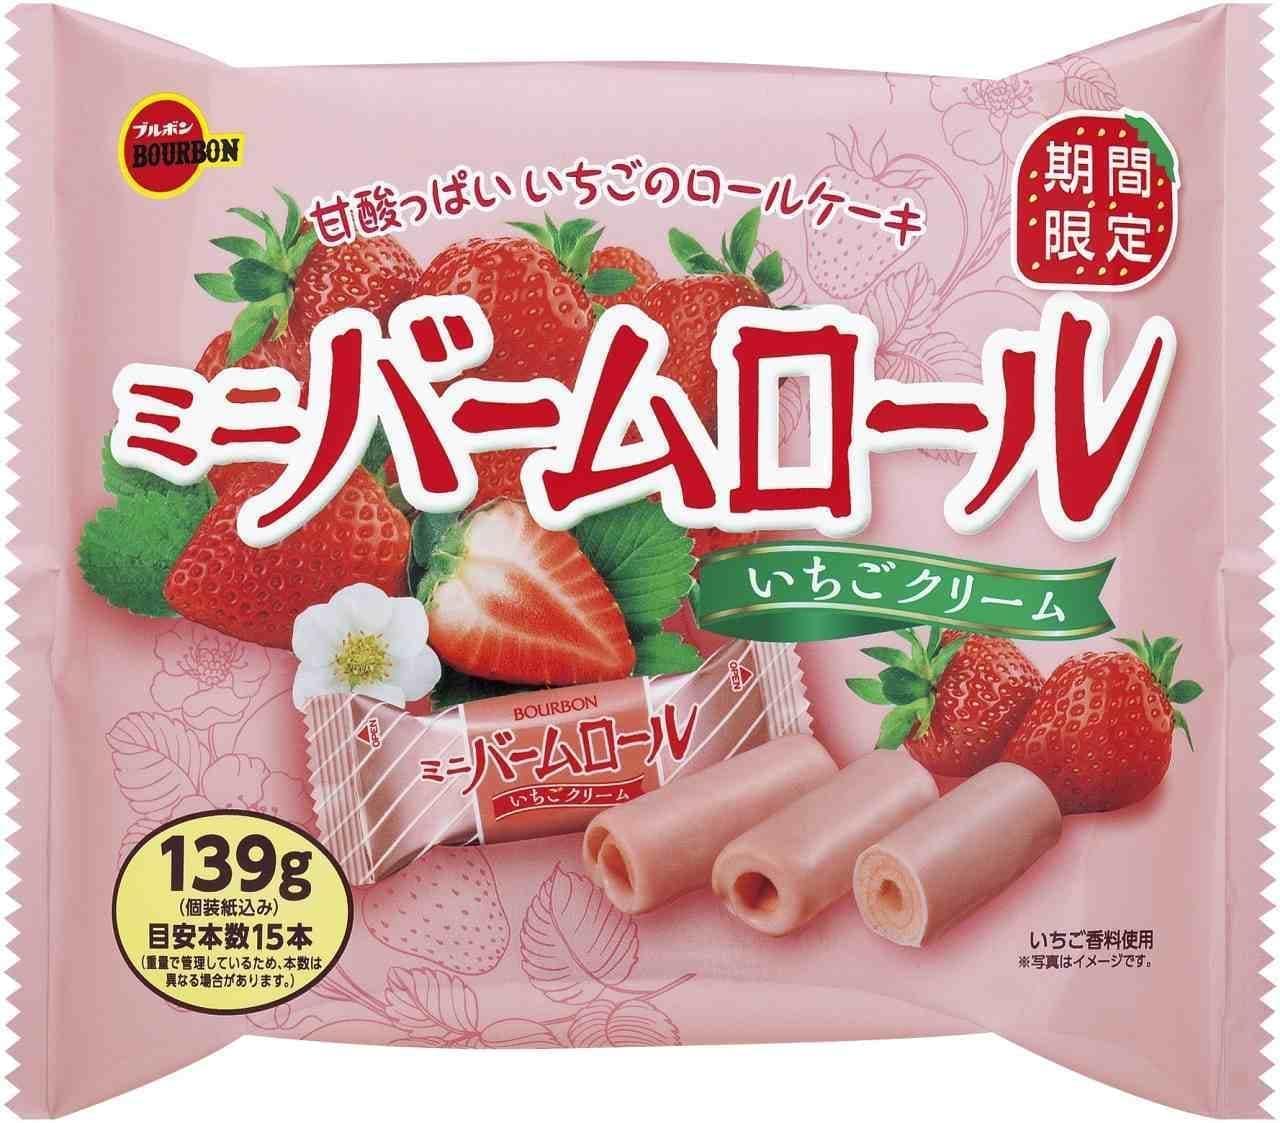 139gミニバームロールいちごクリーム